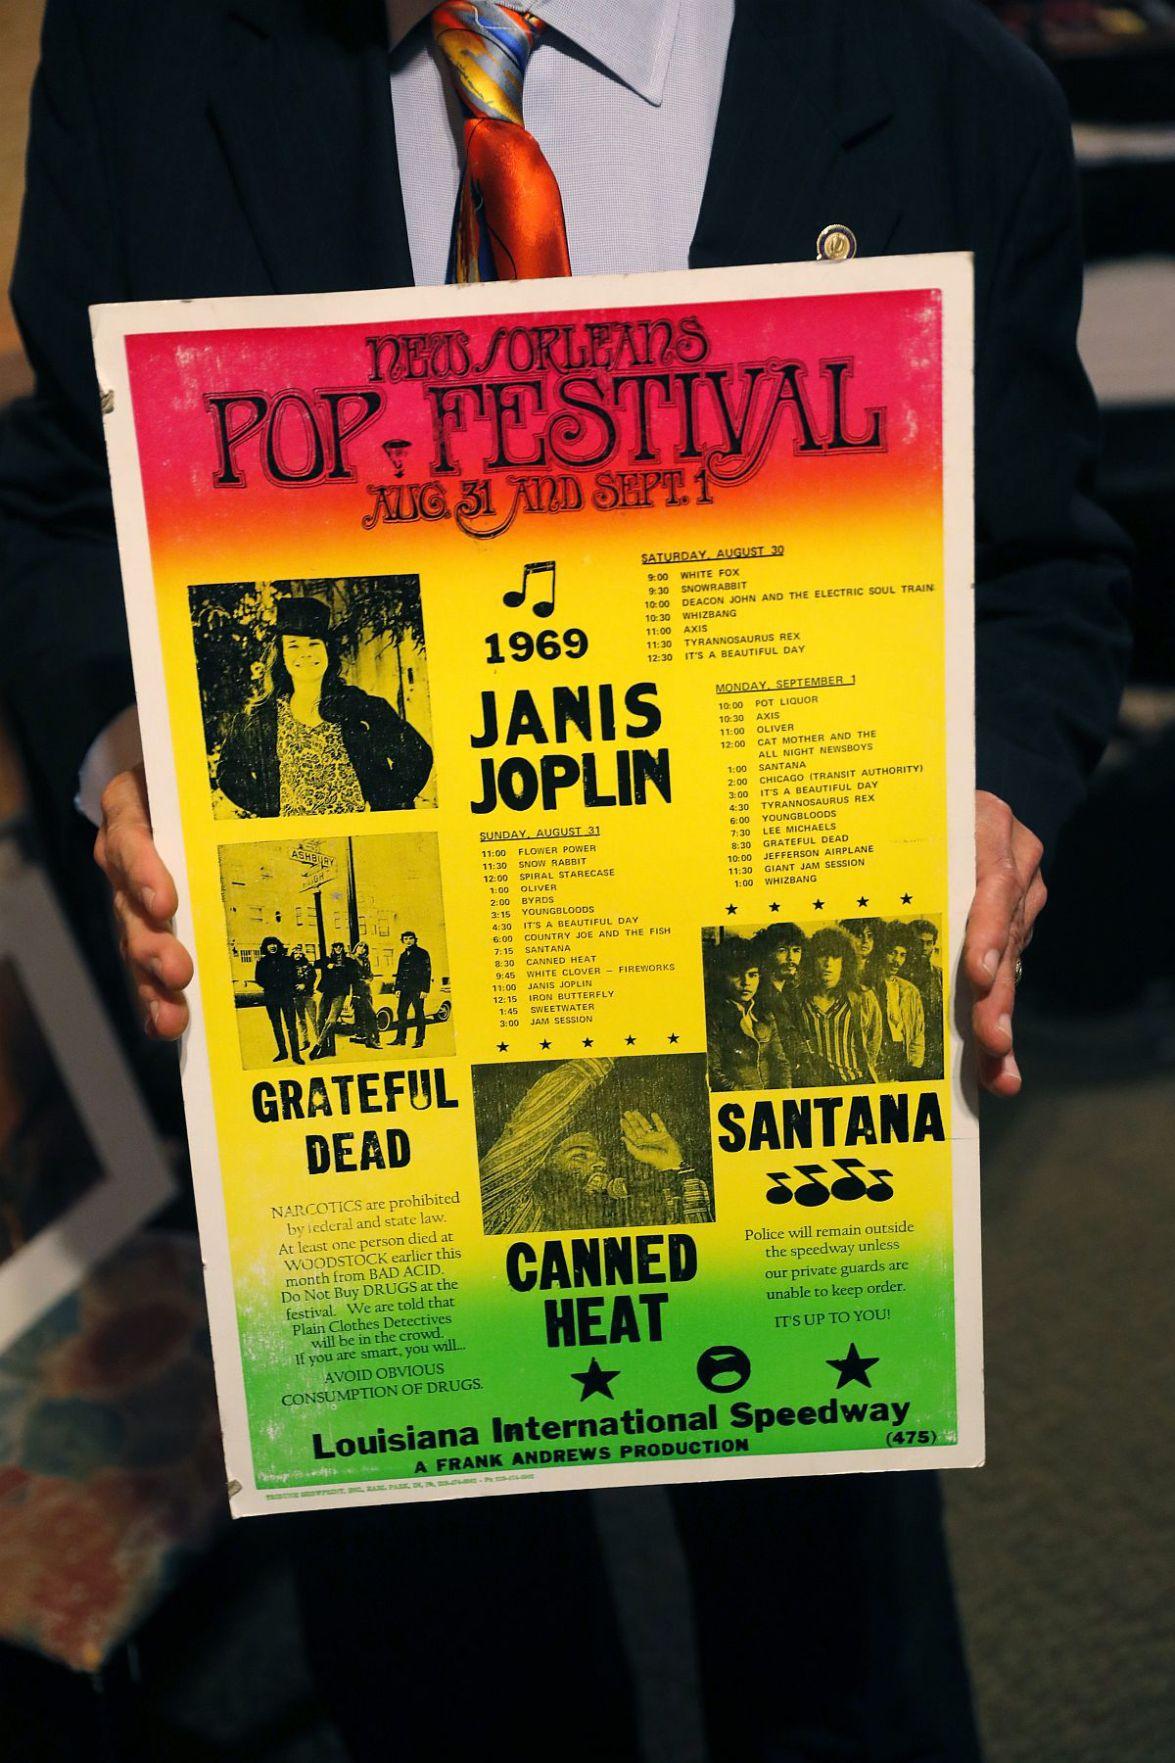 Louisiana's Woodstock